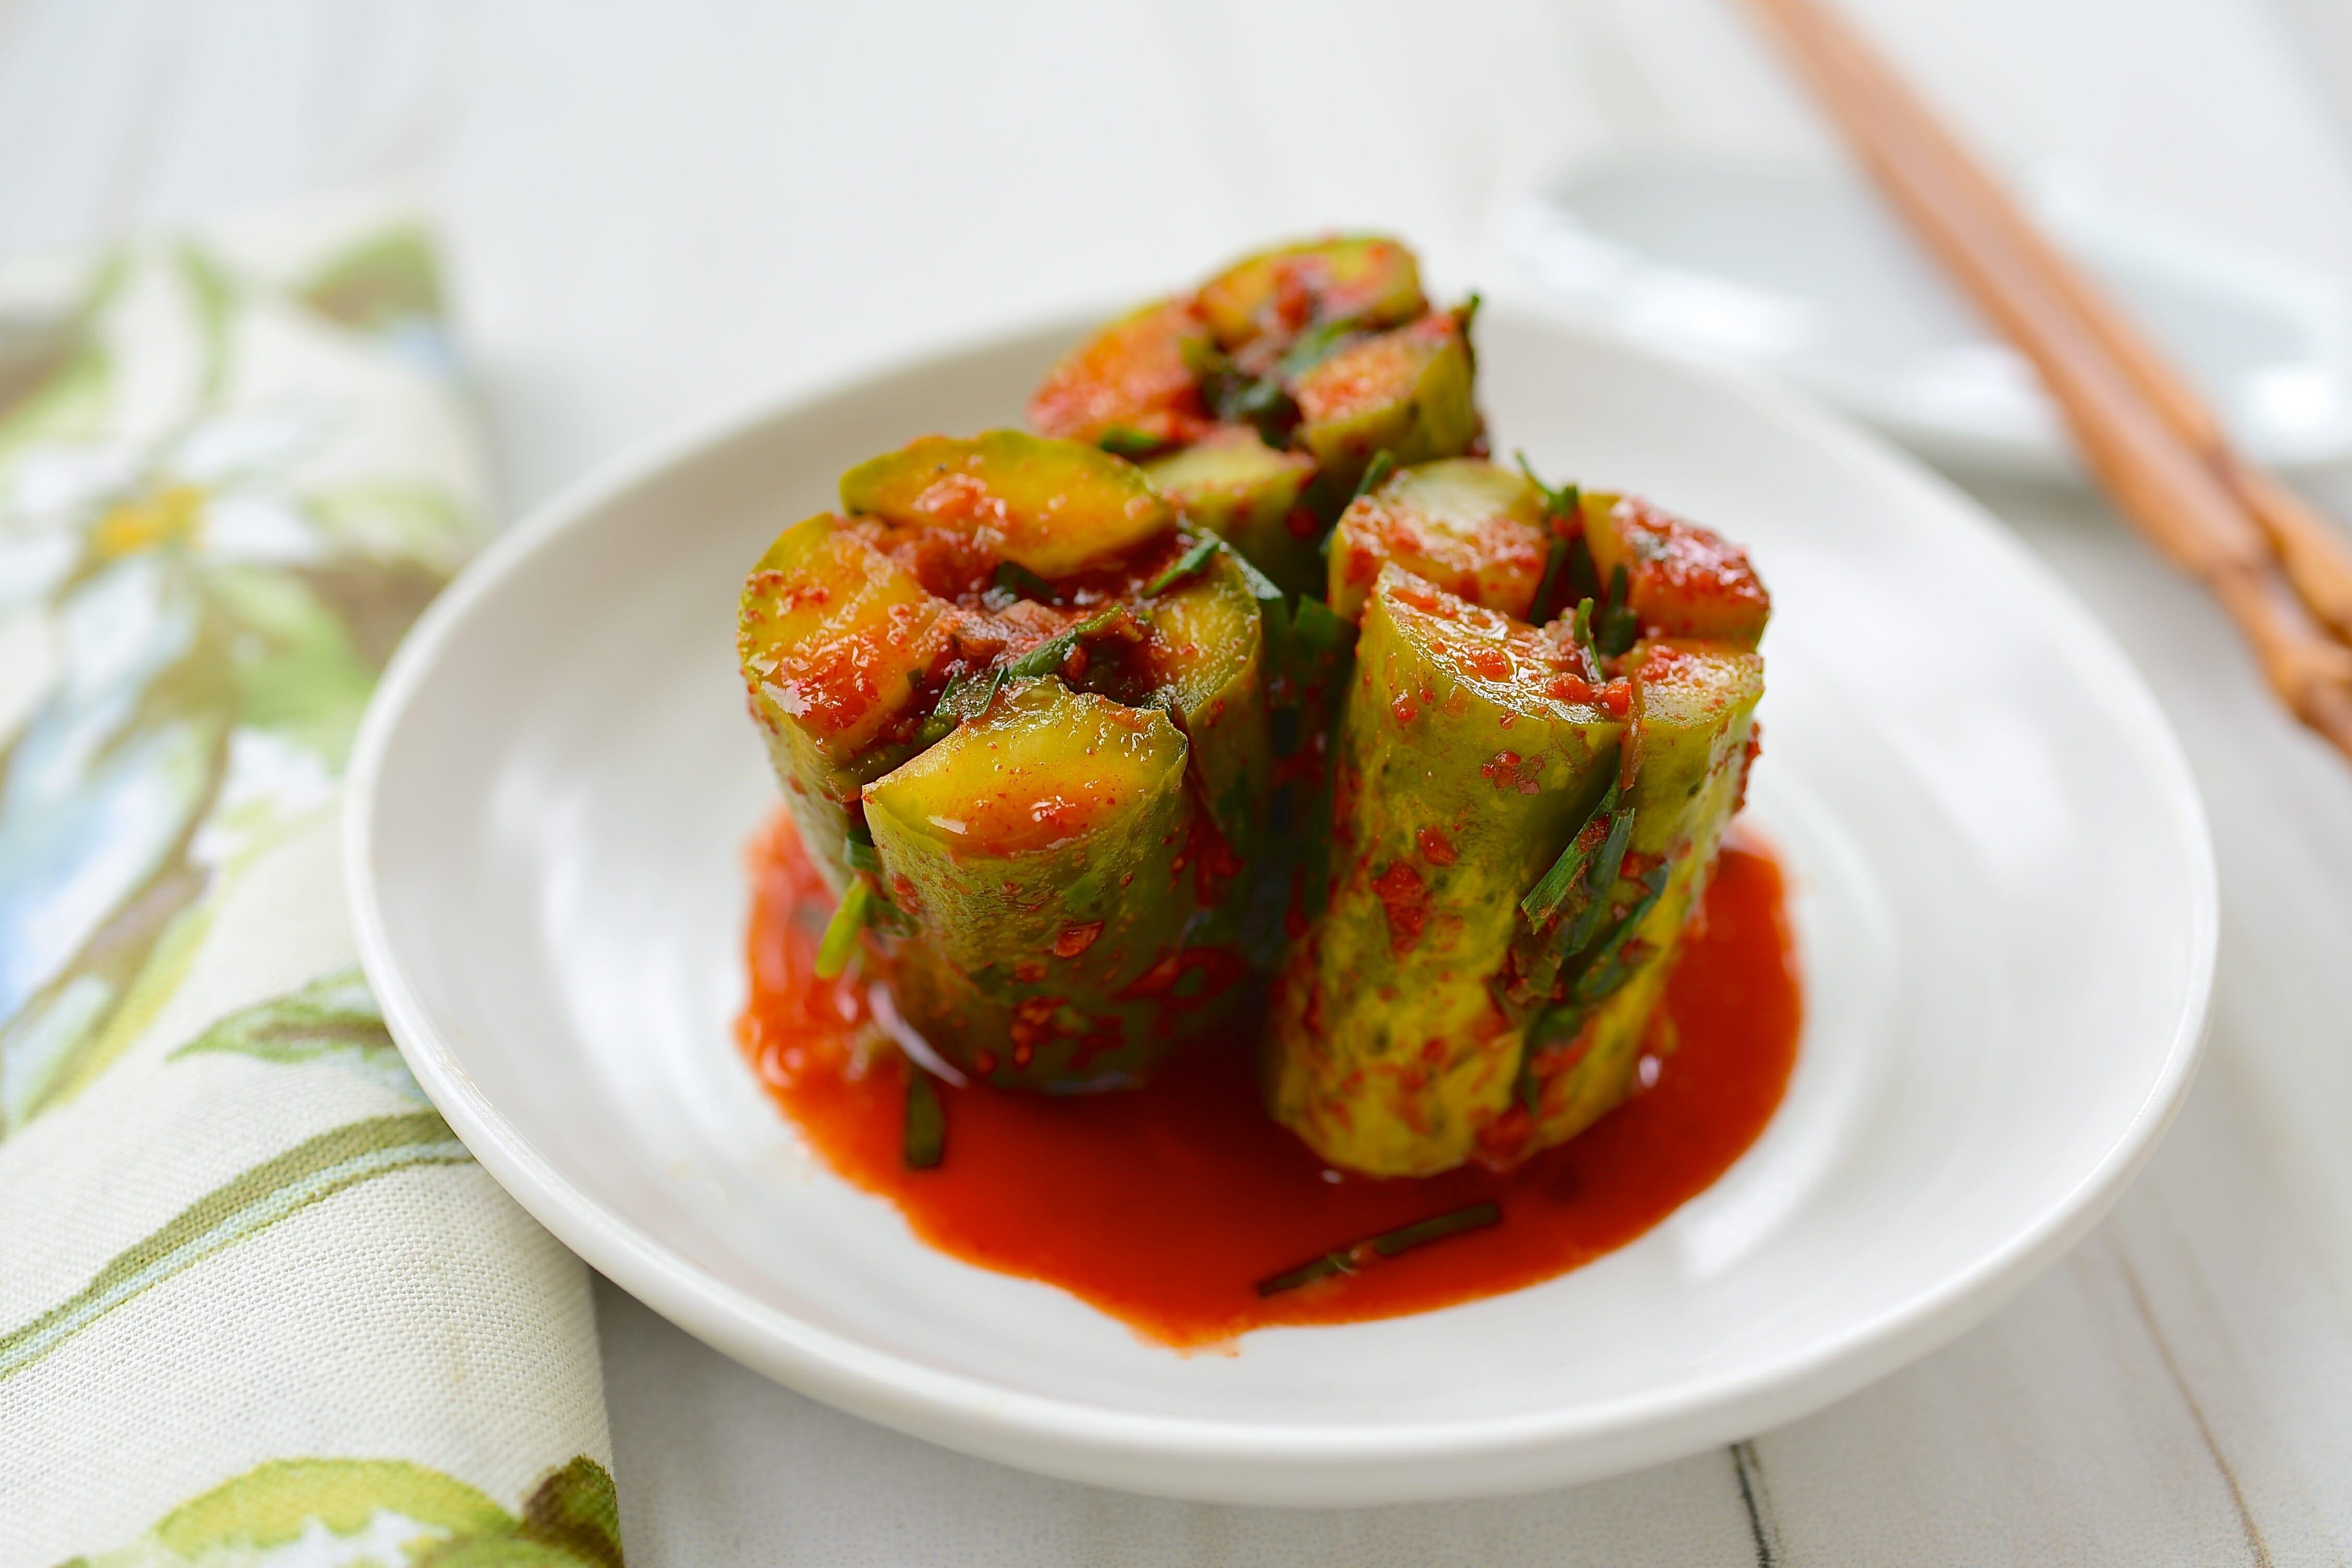 Cach phan biet cac loai kimchi cua Han Quoc hinh anh 5